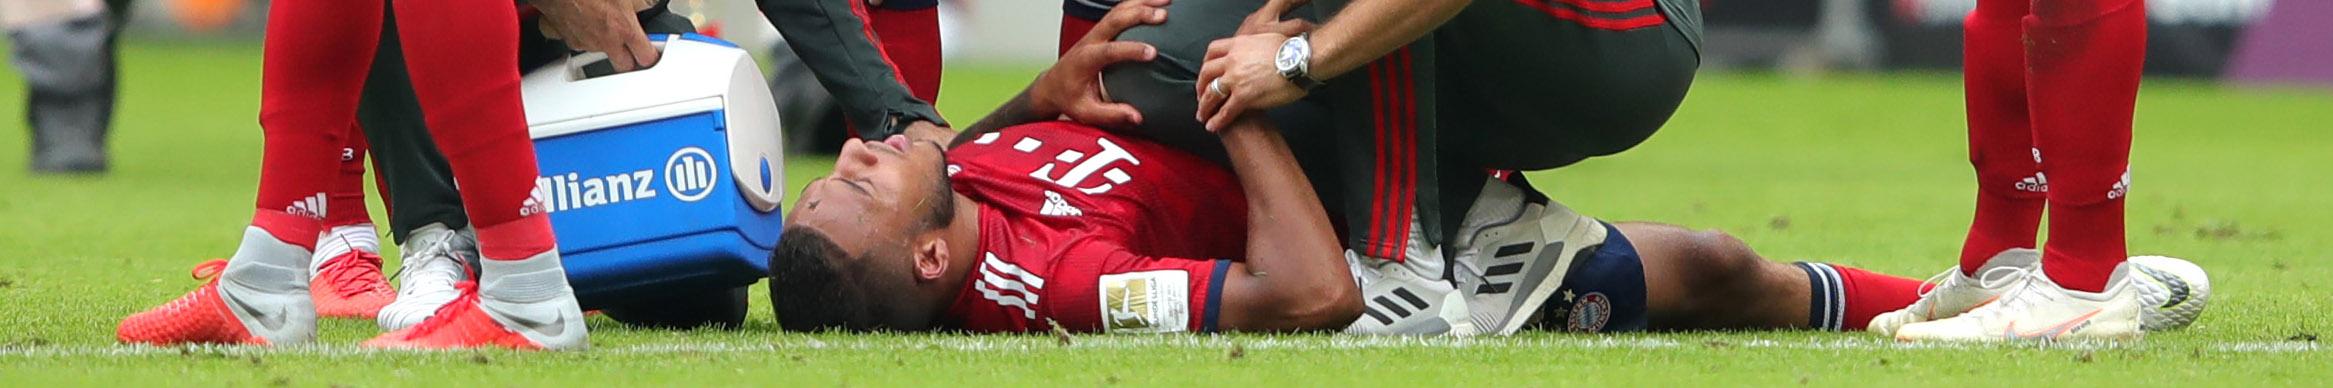 Bundesliga: Diese Klubs leiden am meisten unter Langzeitverletzungen